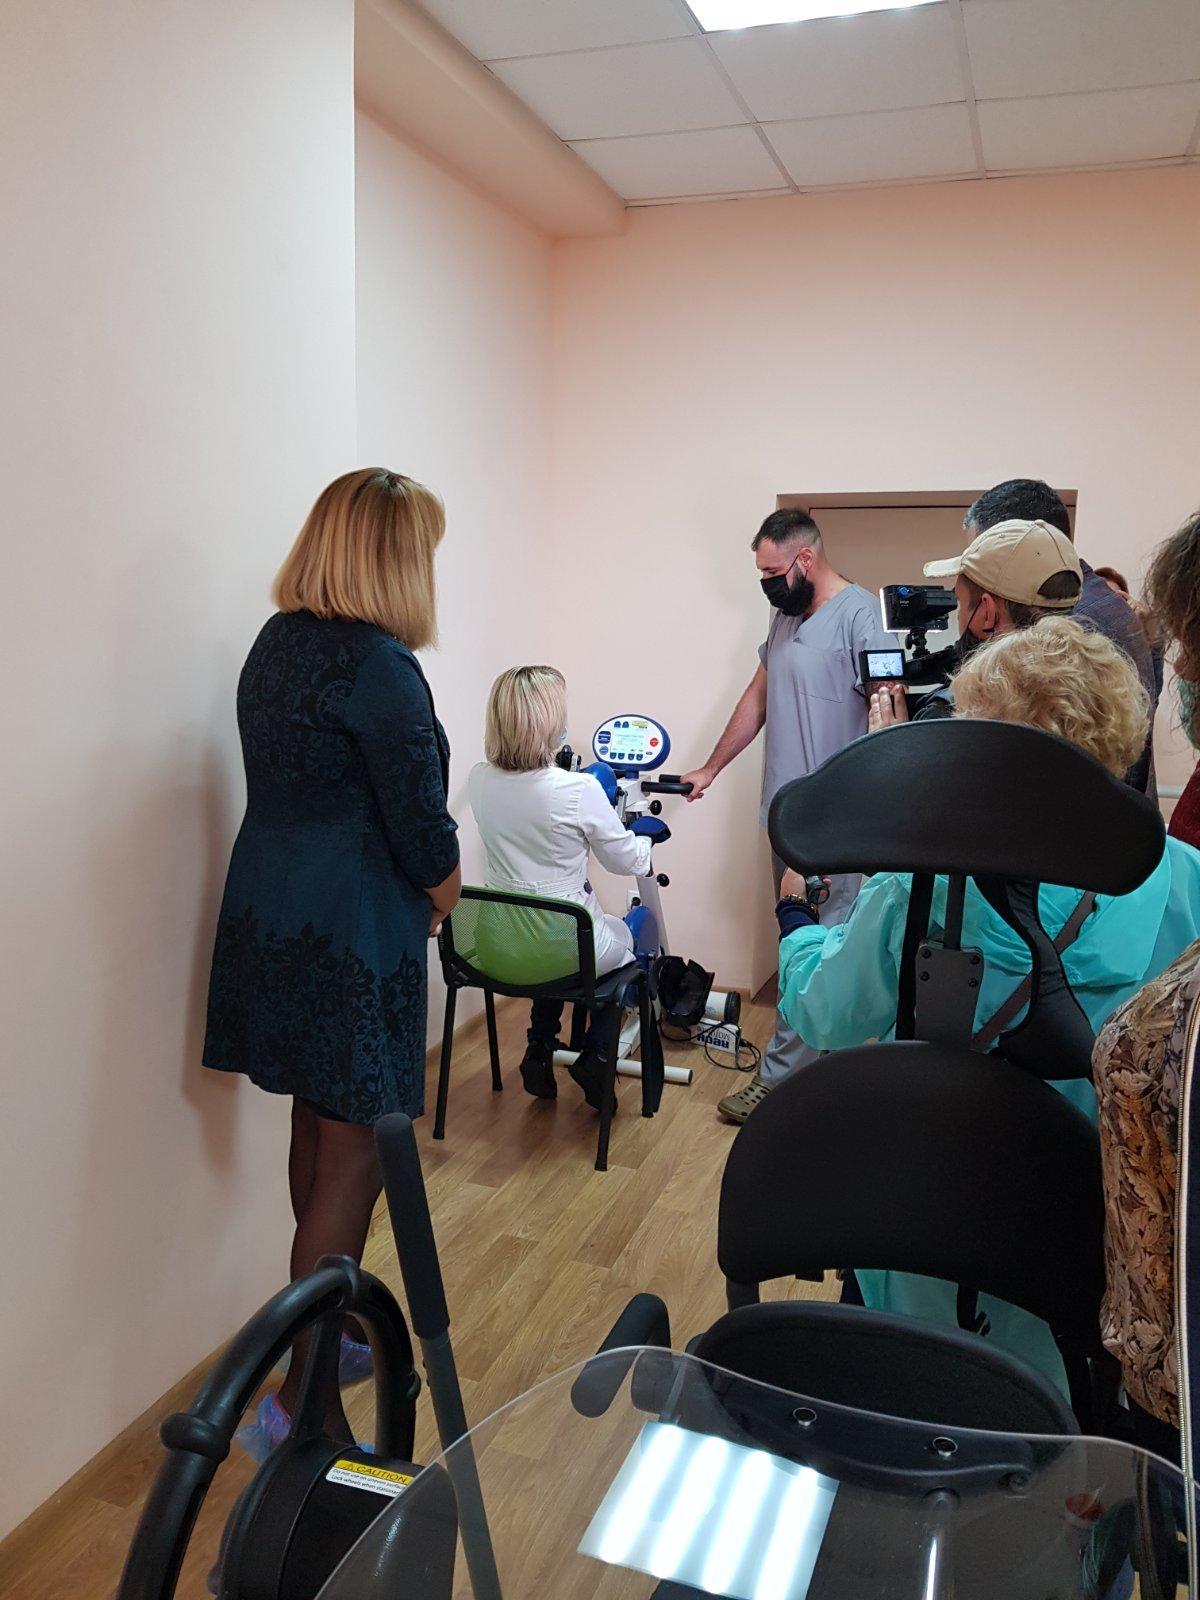 Бердянский центр реабилитации передает опыт коллегам из Энергодара, фото-3